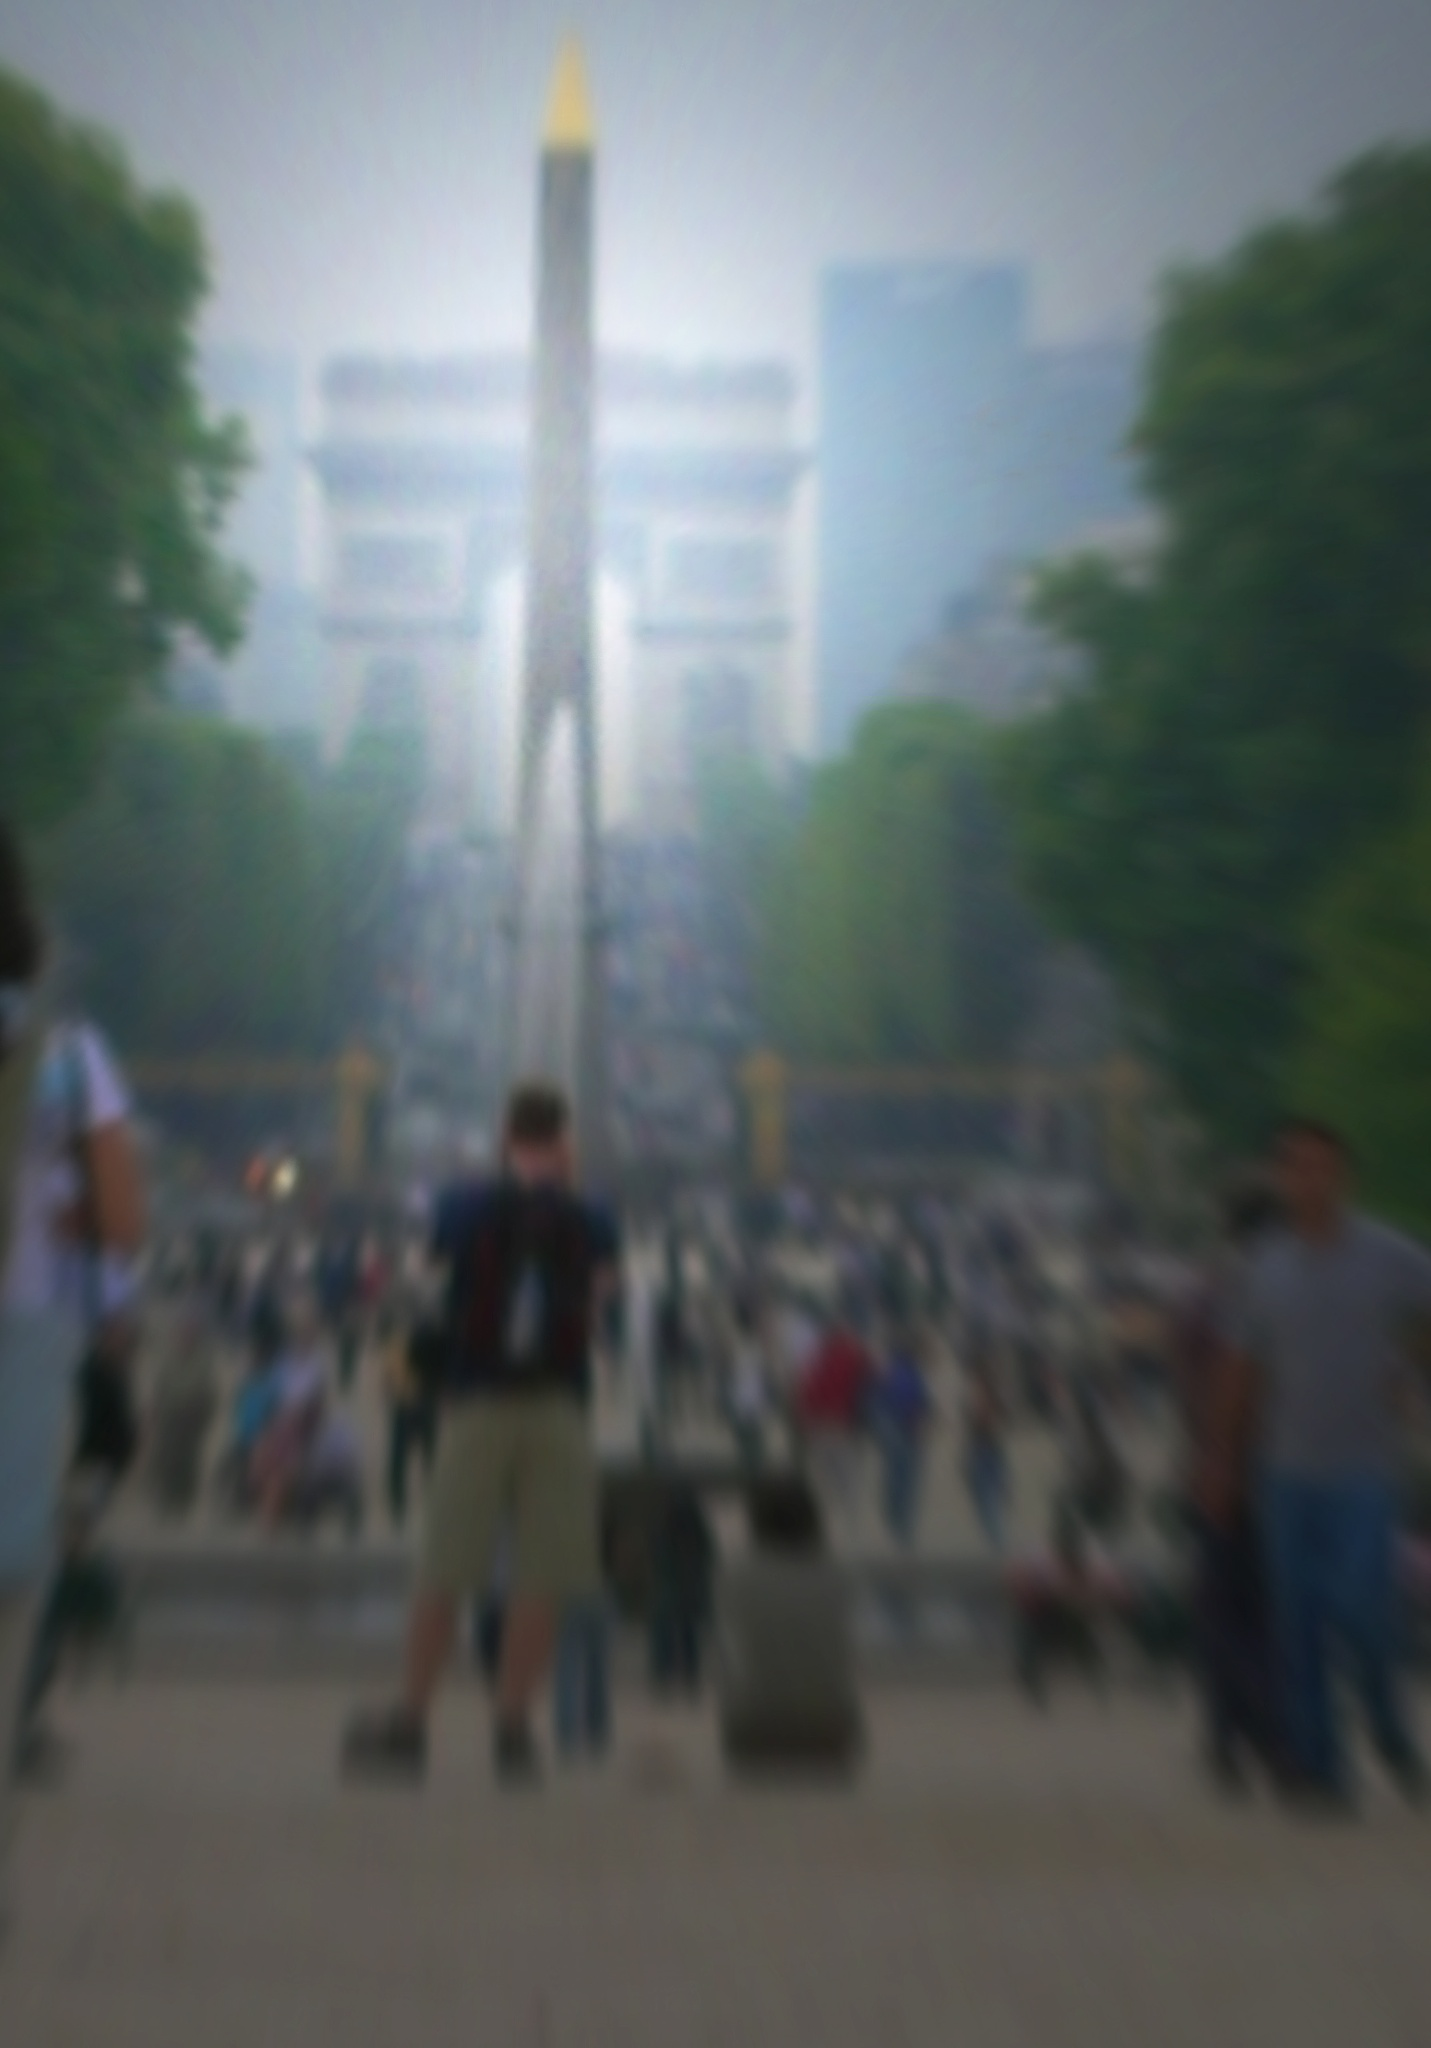 Paris by Gianni Meini